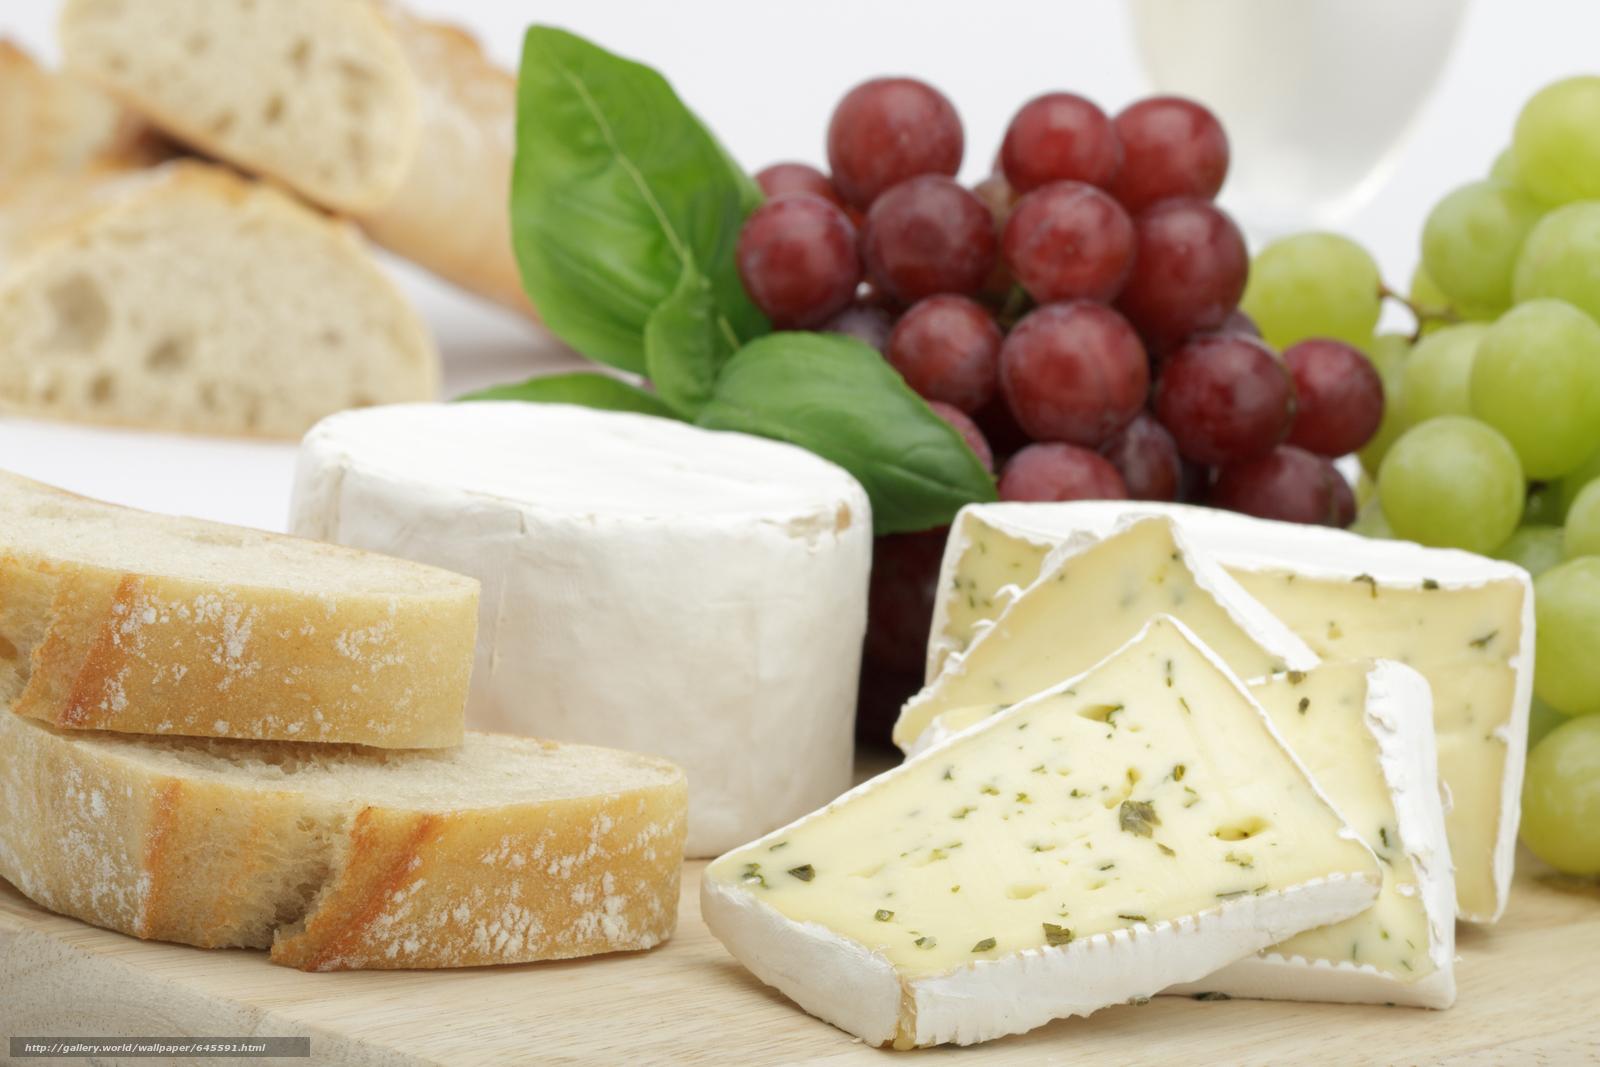 Скачать обои сыр,  еда,  пища,  провиант бесплатно для рабочего стола в разрешении 8500x5667 — картинка №645591